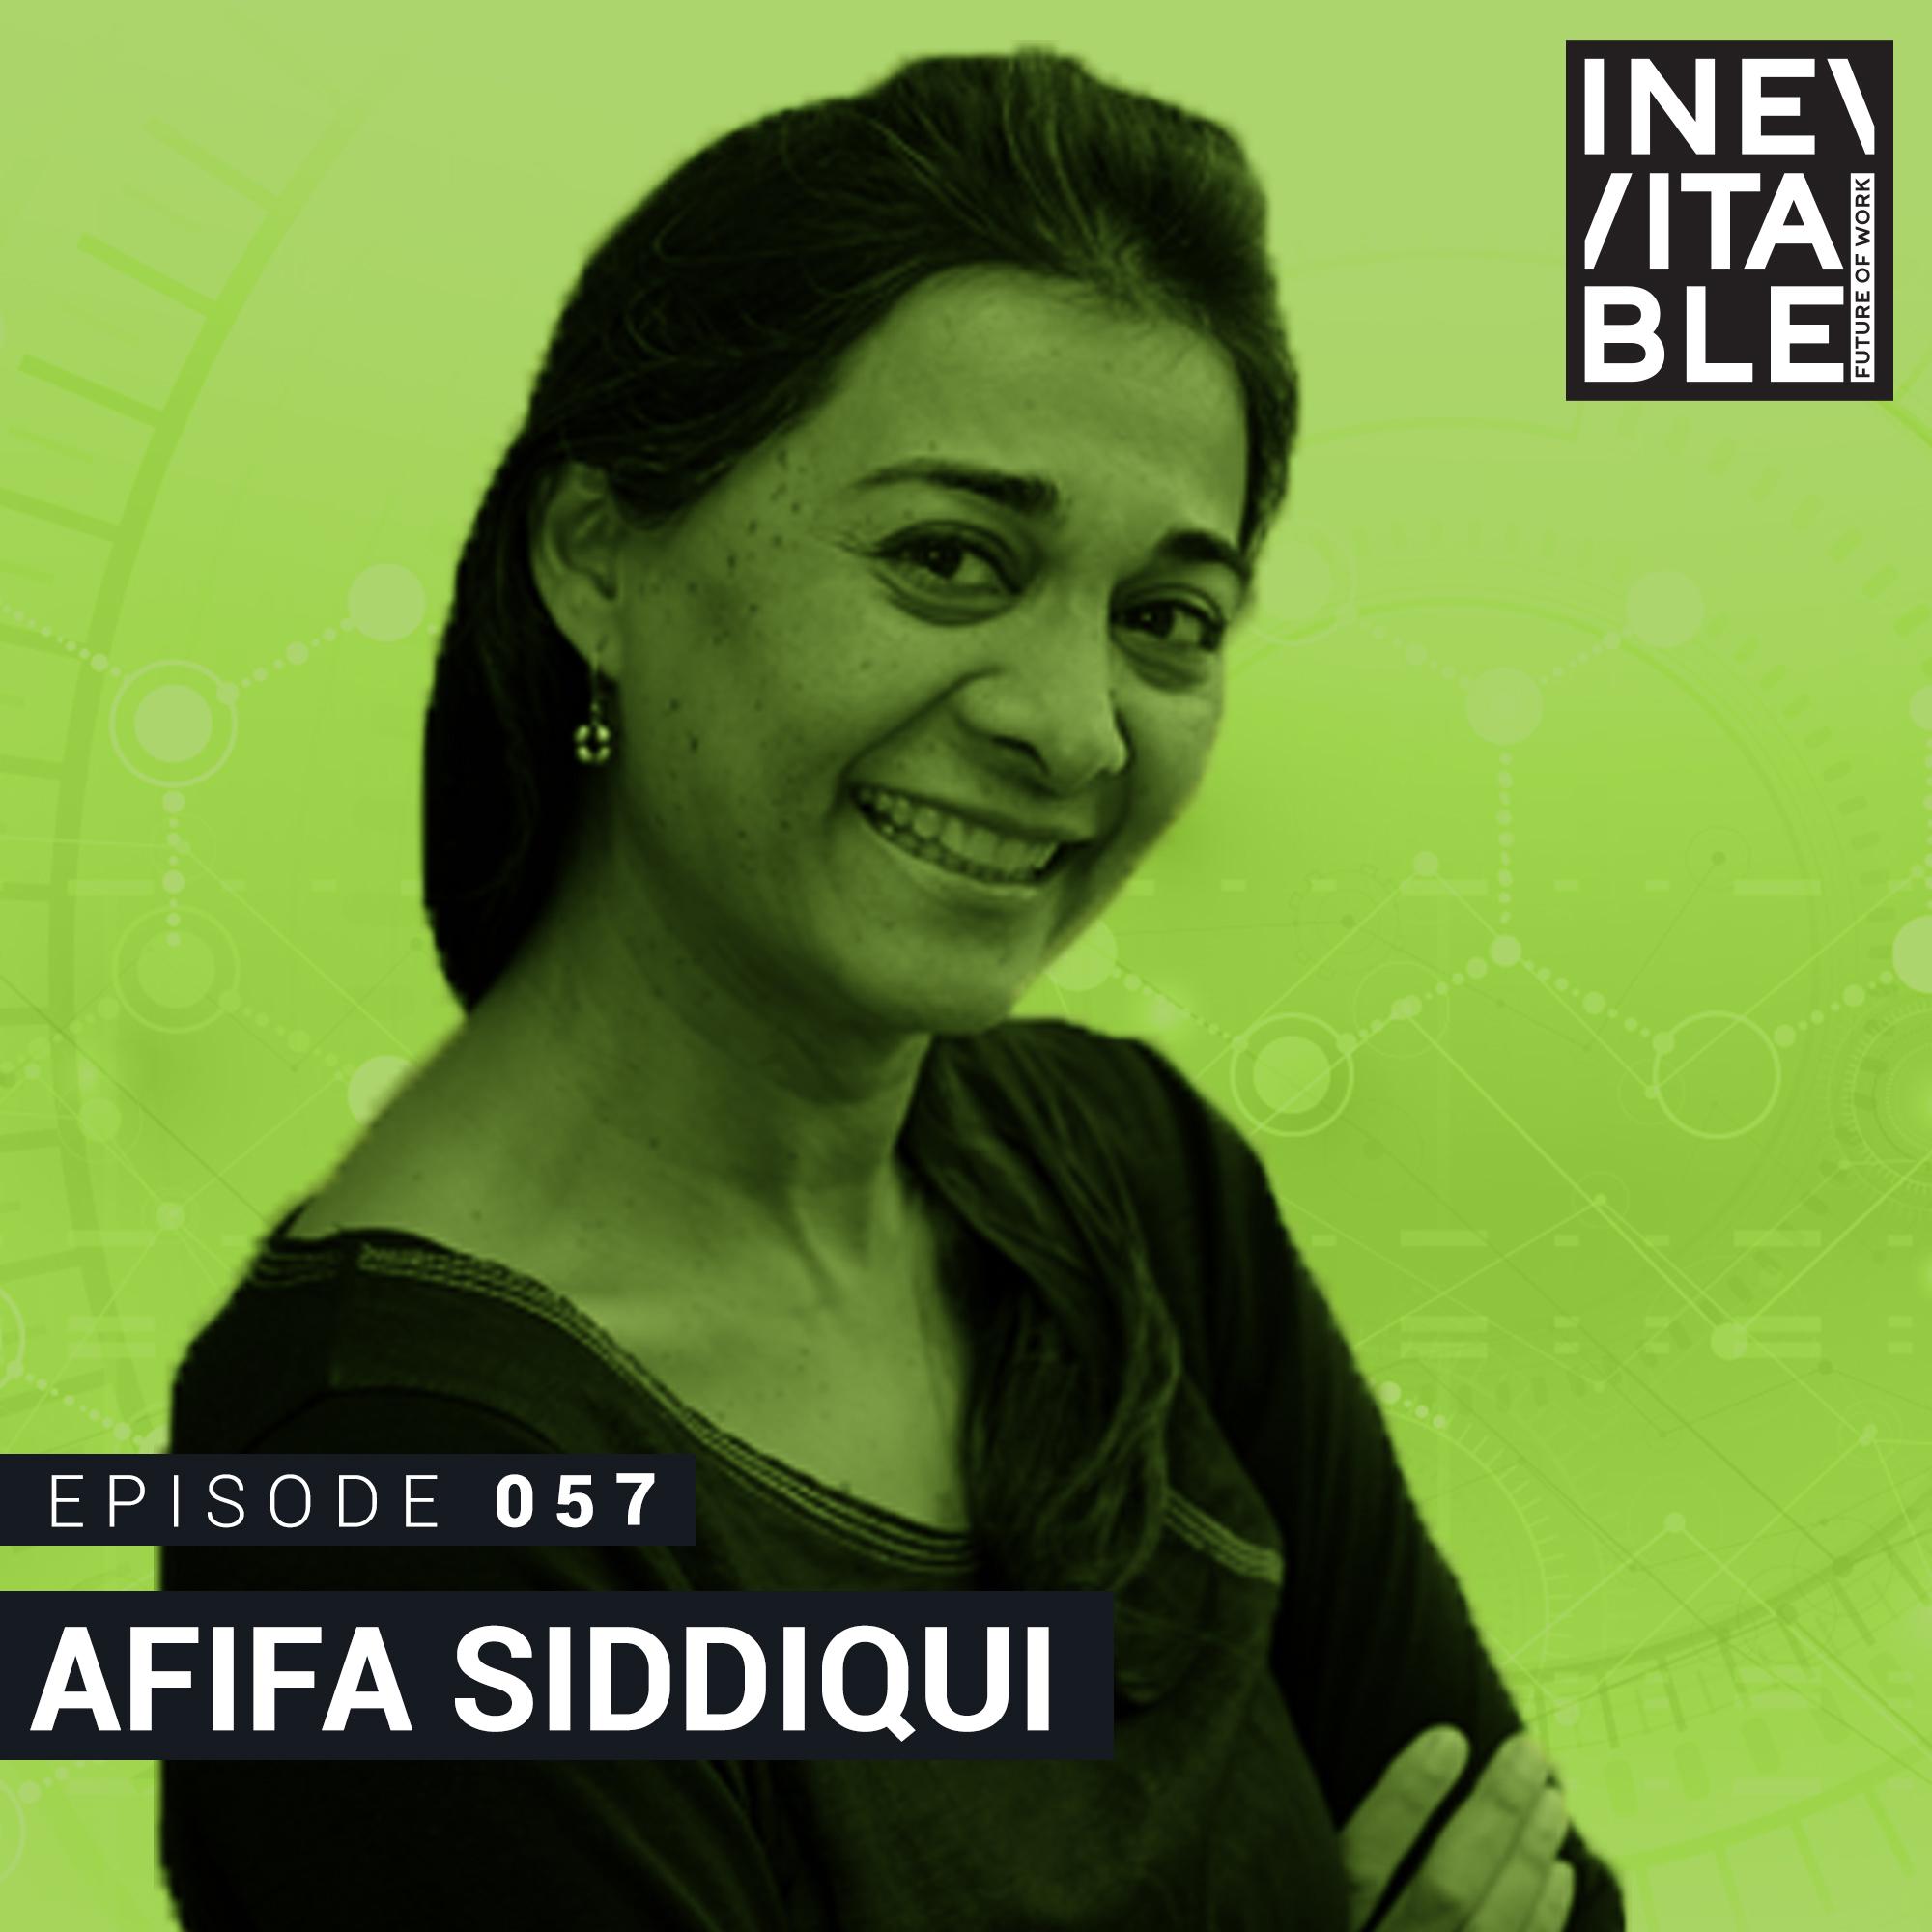 Afifa Siddiqui